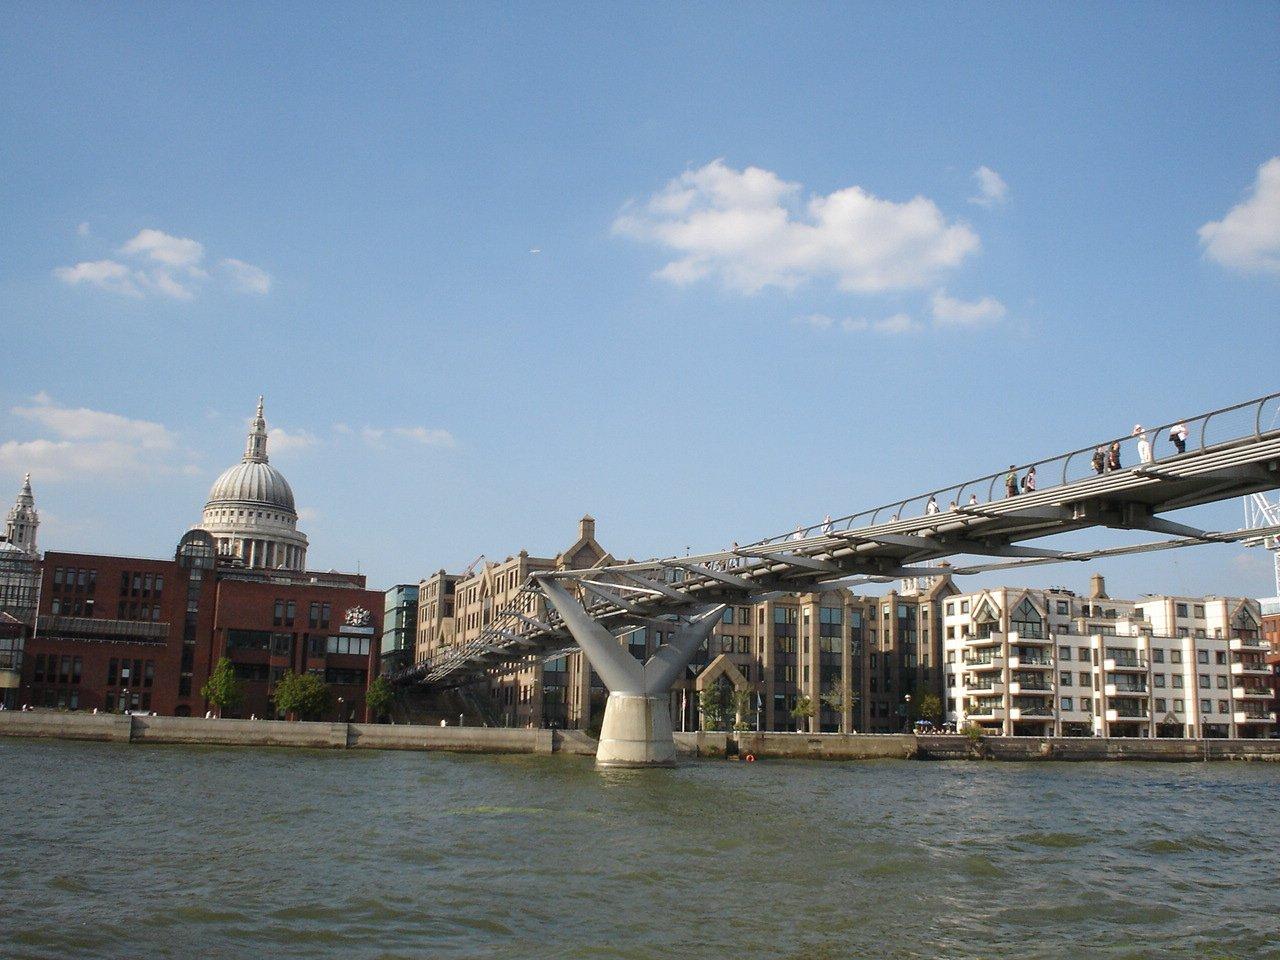 Мост Миллениум, Лондон, Великобритания. Июль, 2006